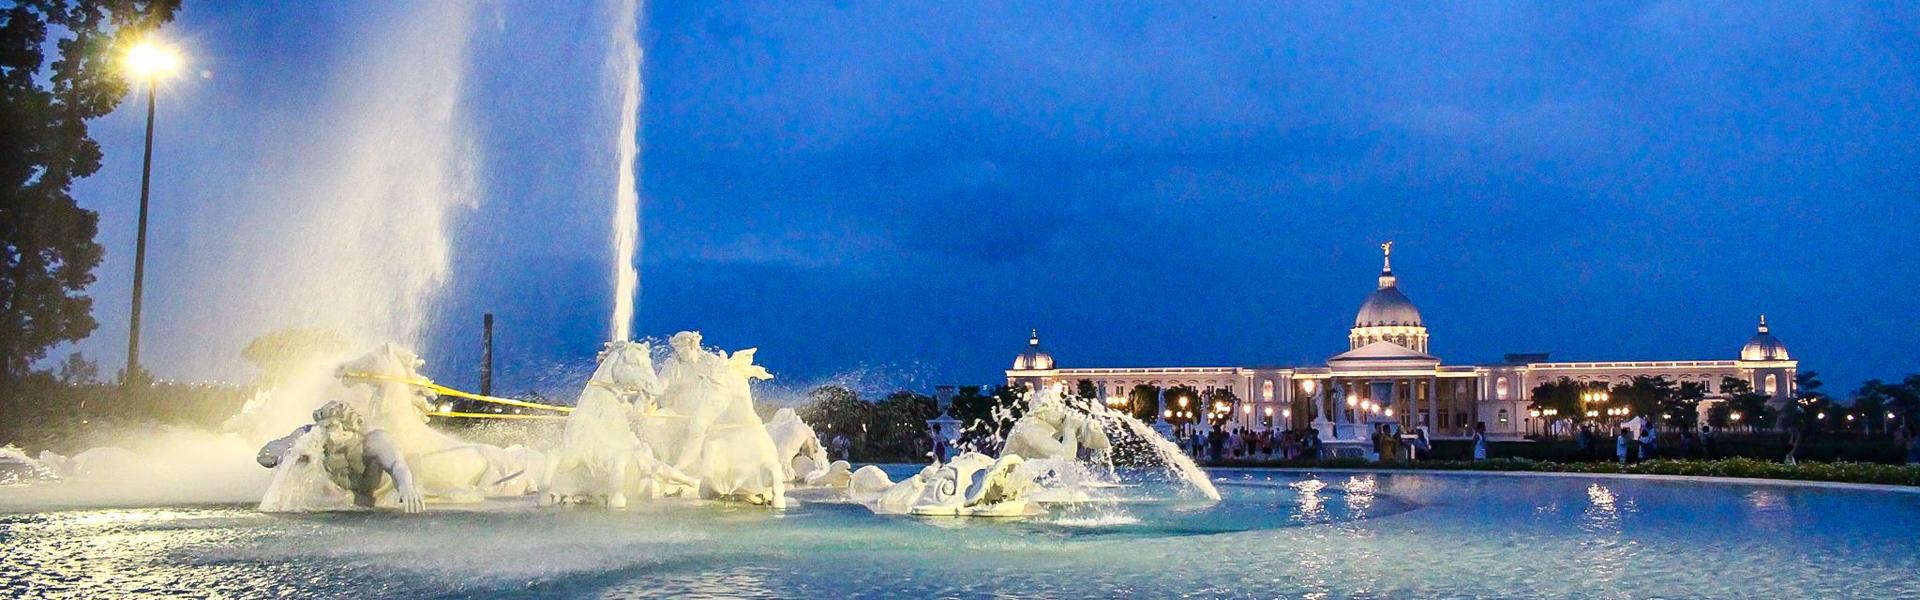 台南景點「奇美博物館」  一秒置身歐洲宮廷花園的美麗世界(附年度整修休館資訊)